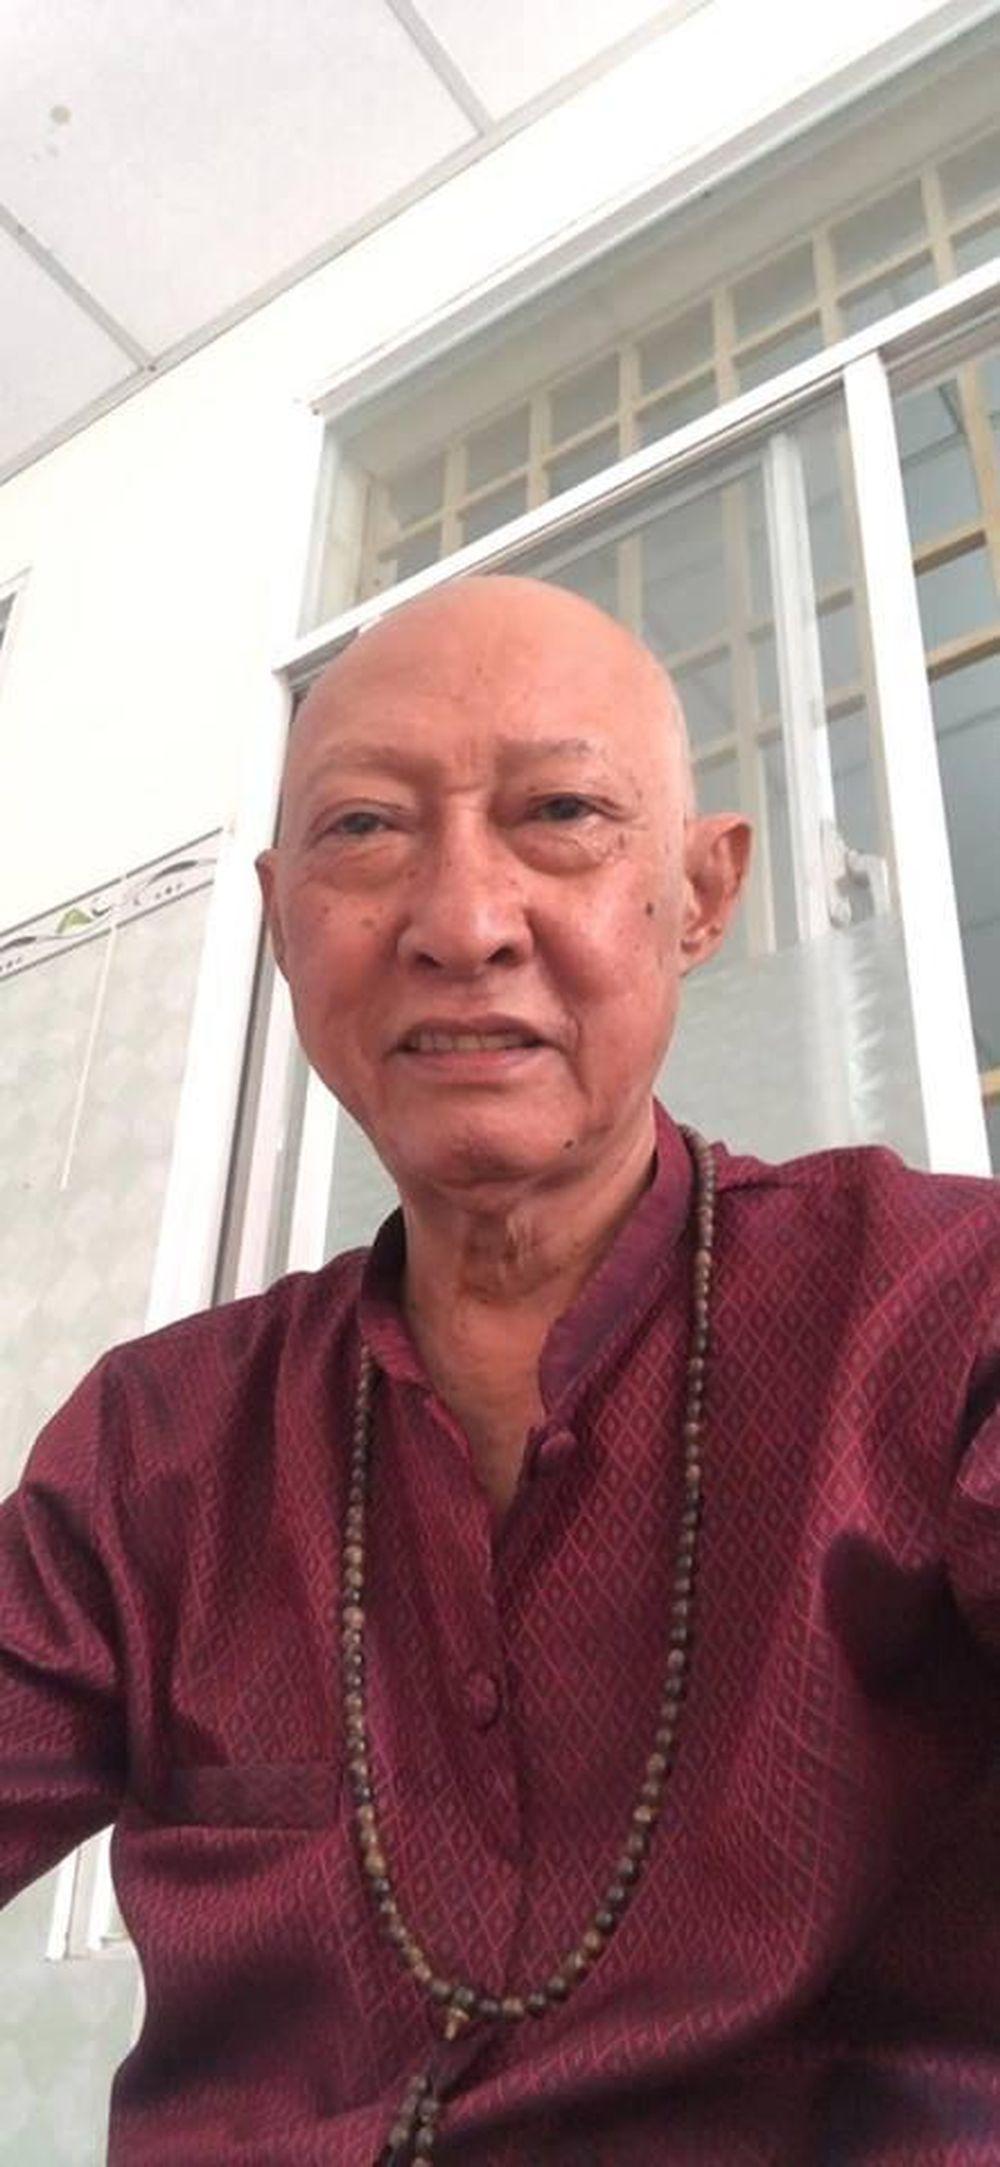 Nghệ sĩ Lê Bình cho biết, ông được gọi trở lại bệnh viện để vào thuốc - Ảnh: FBNV